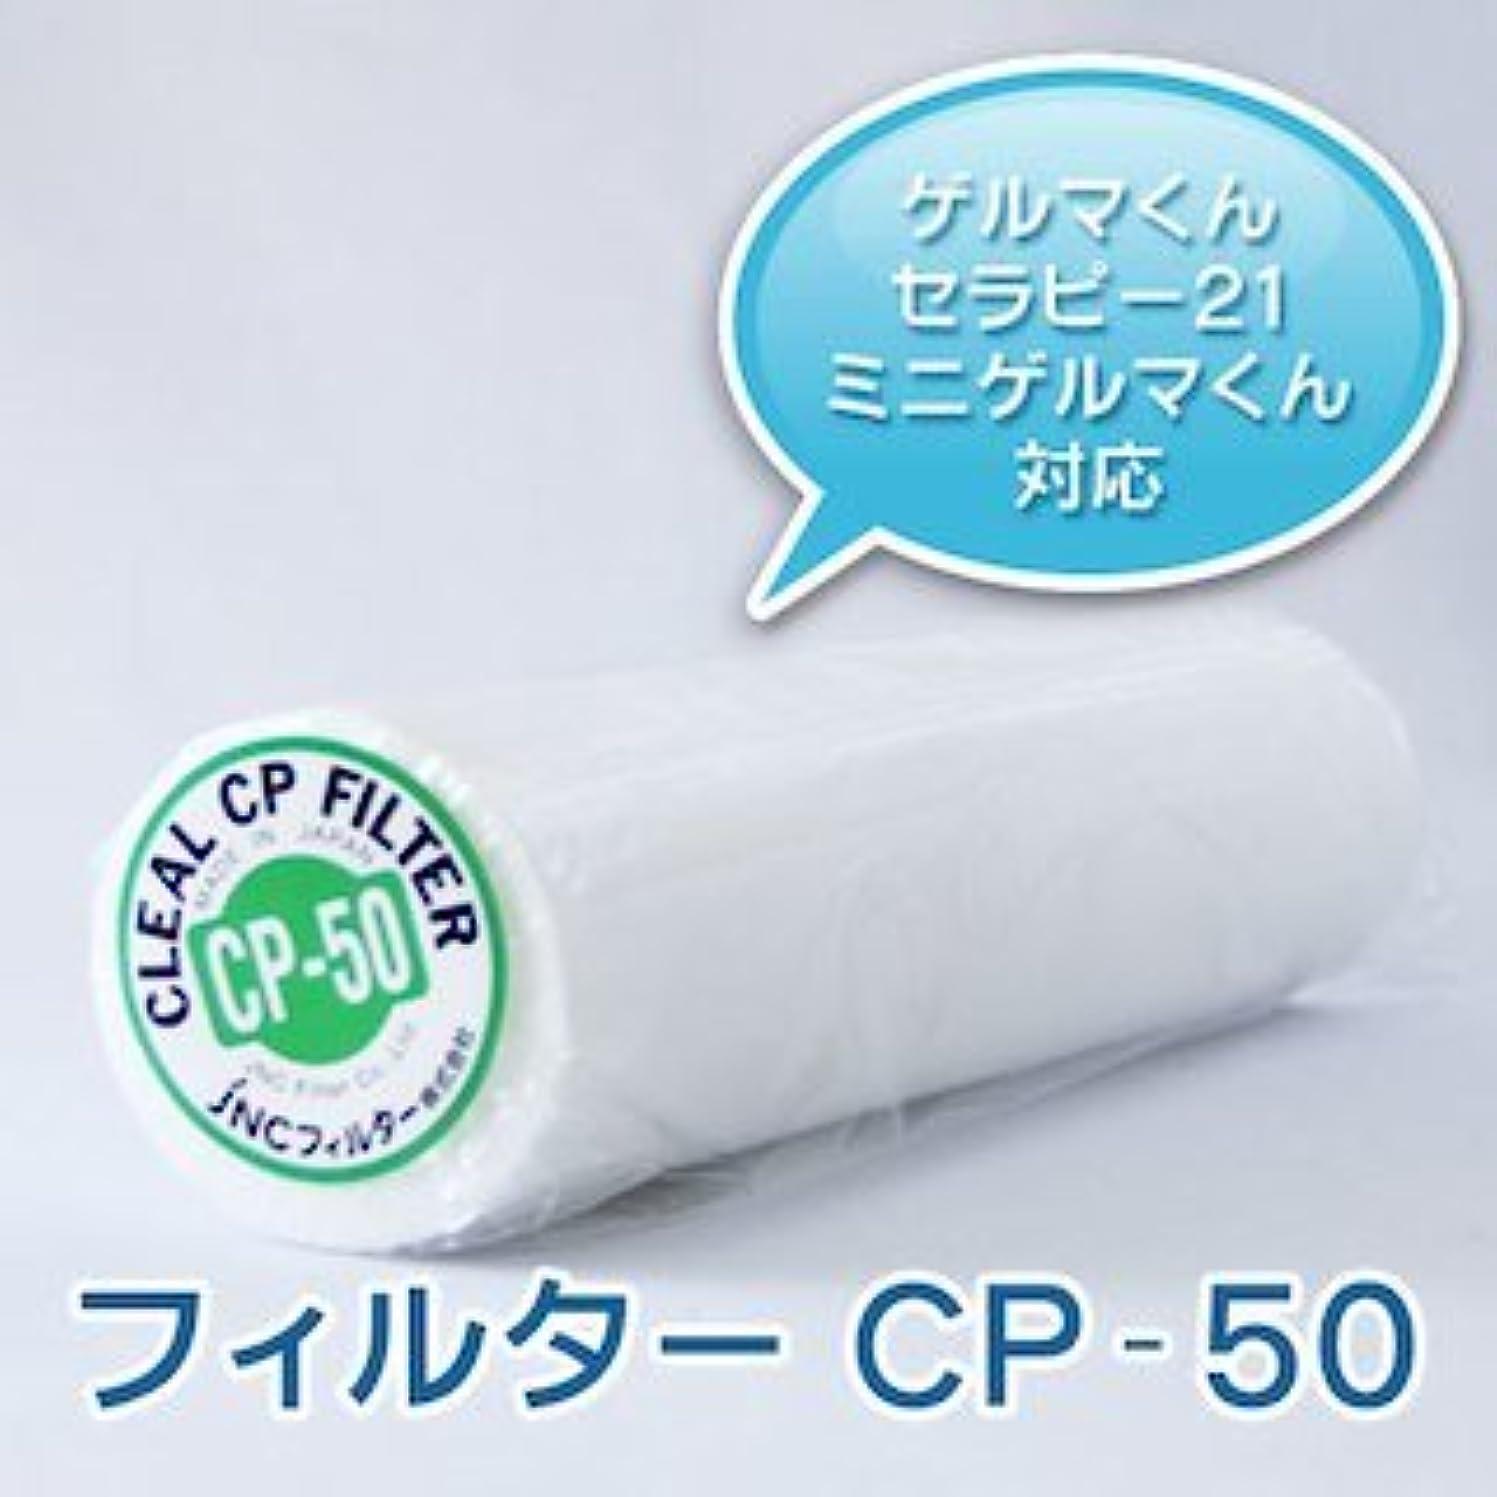 親指三角ぼかす【ゲルマ フィルター CP-50】 1本  ゲルマニウム 温浴器 ゲルマくん/セラピー21 対応